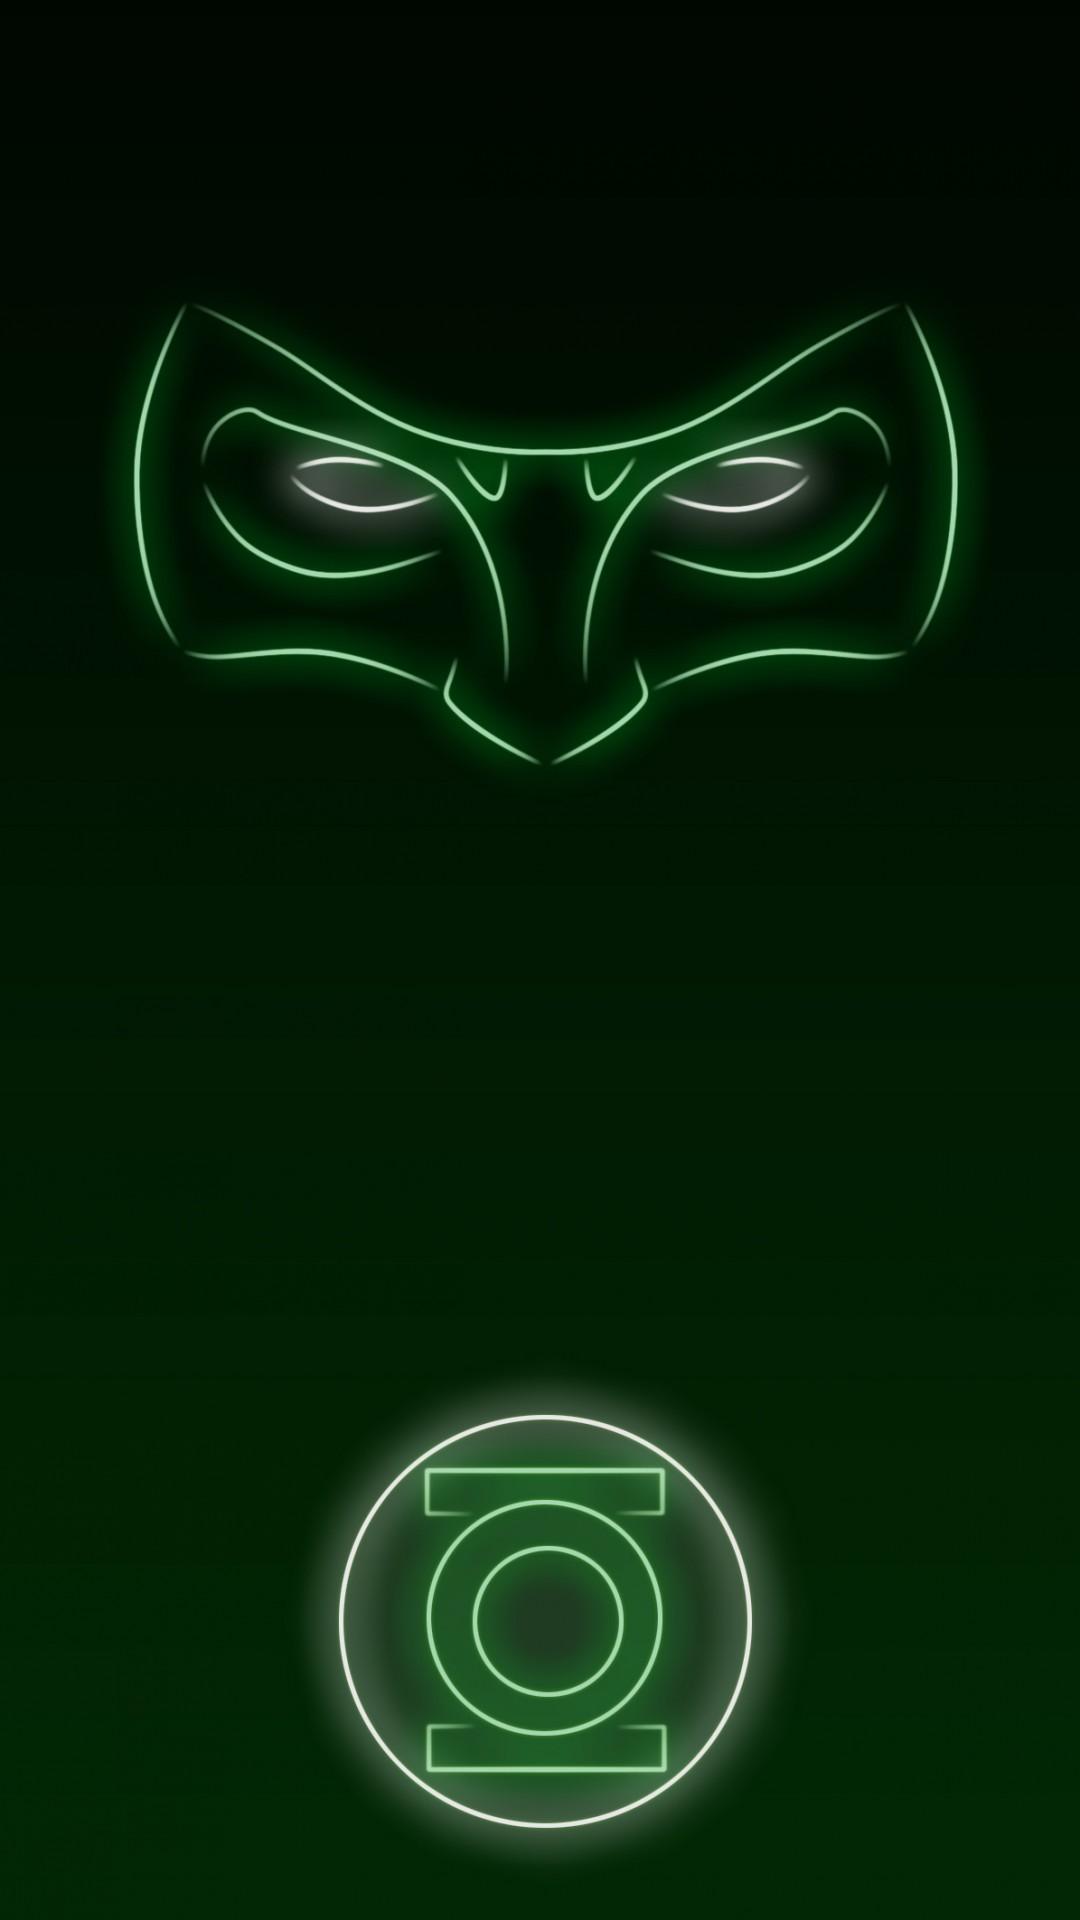 1920x1080 Green Lantern Wallpaper 1920x1080